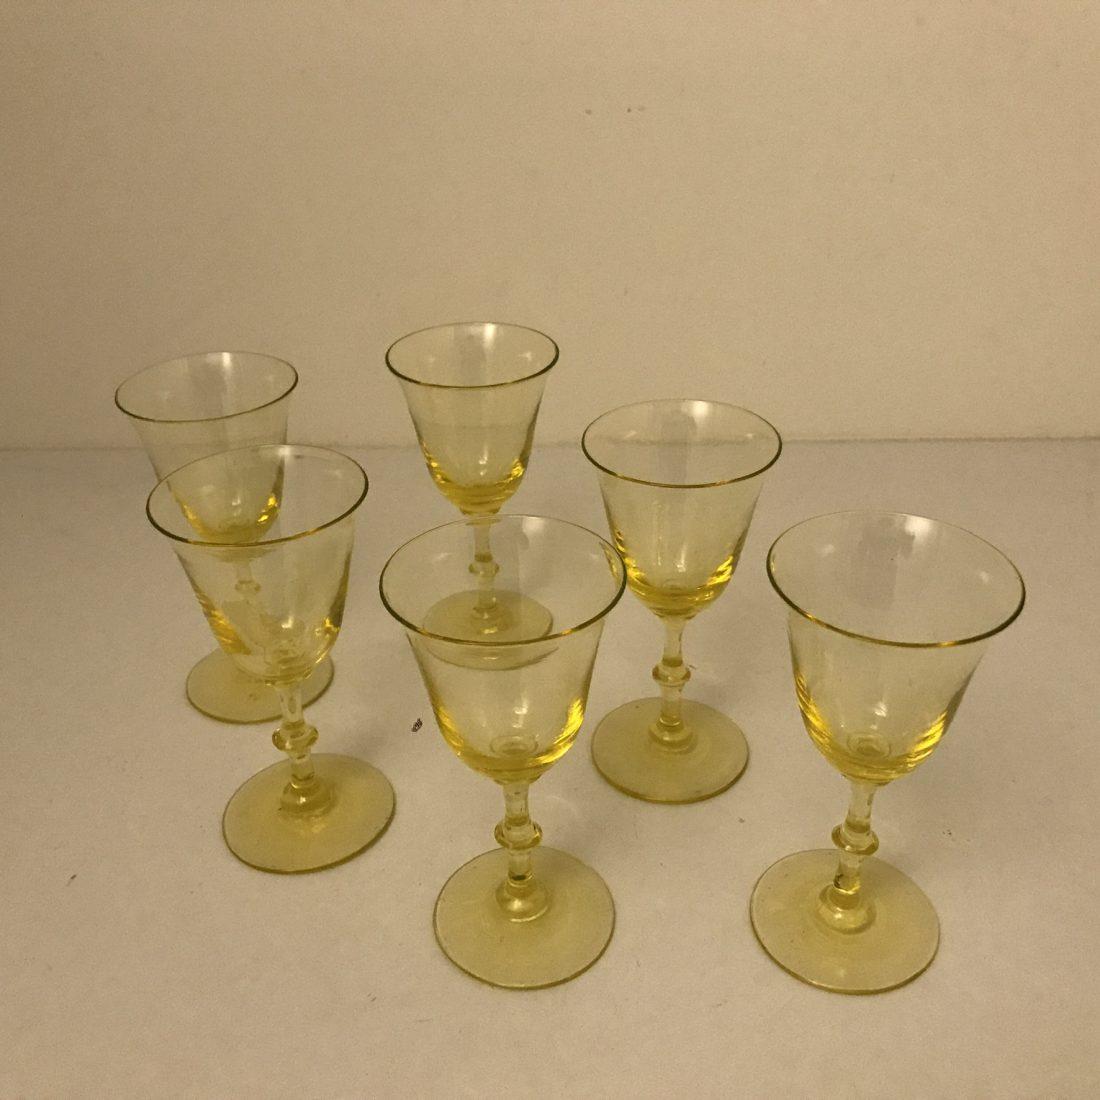 Geel/groenen kristallen wijnglazen, Nederland, ca. 1920